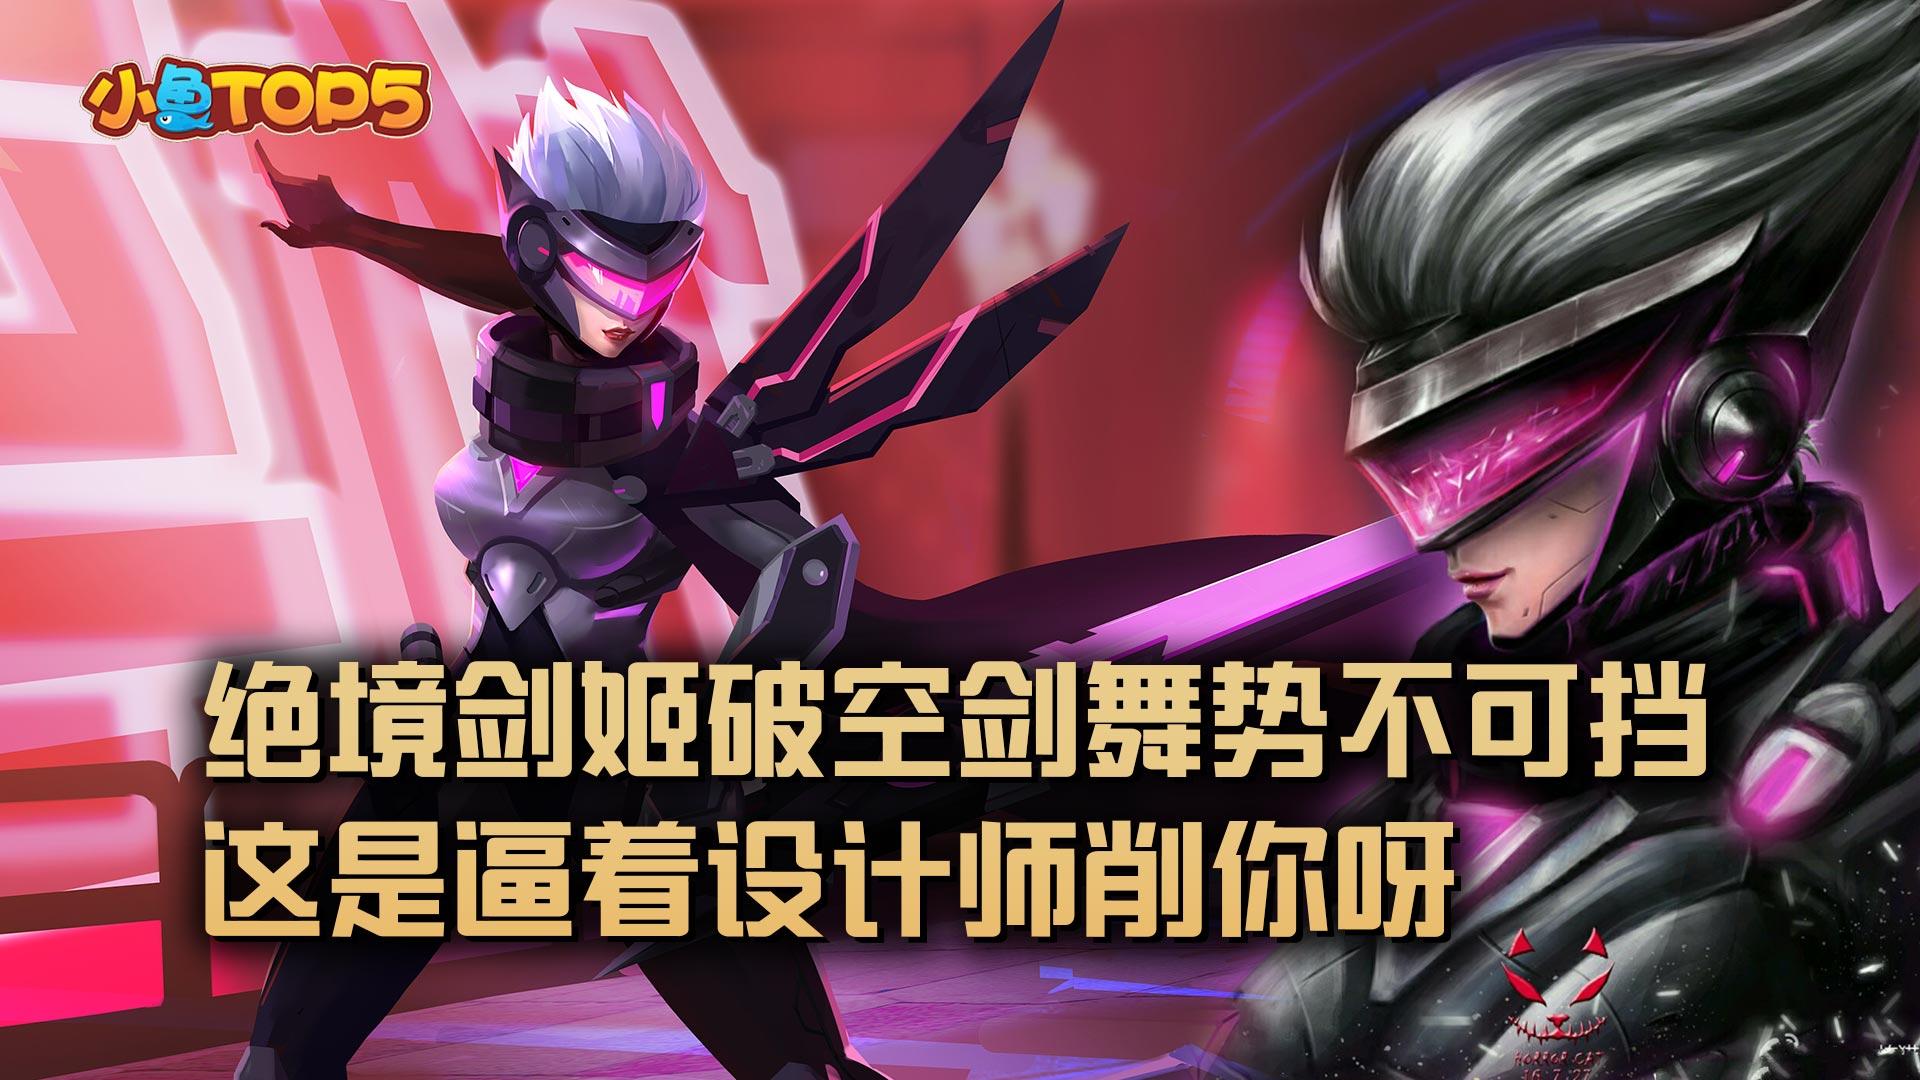 小鱼Top5主播篇:绝境剑姬破空剑舞势不可挡!这是逼着设计师削你呀